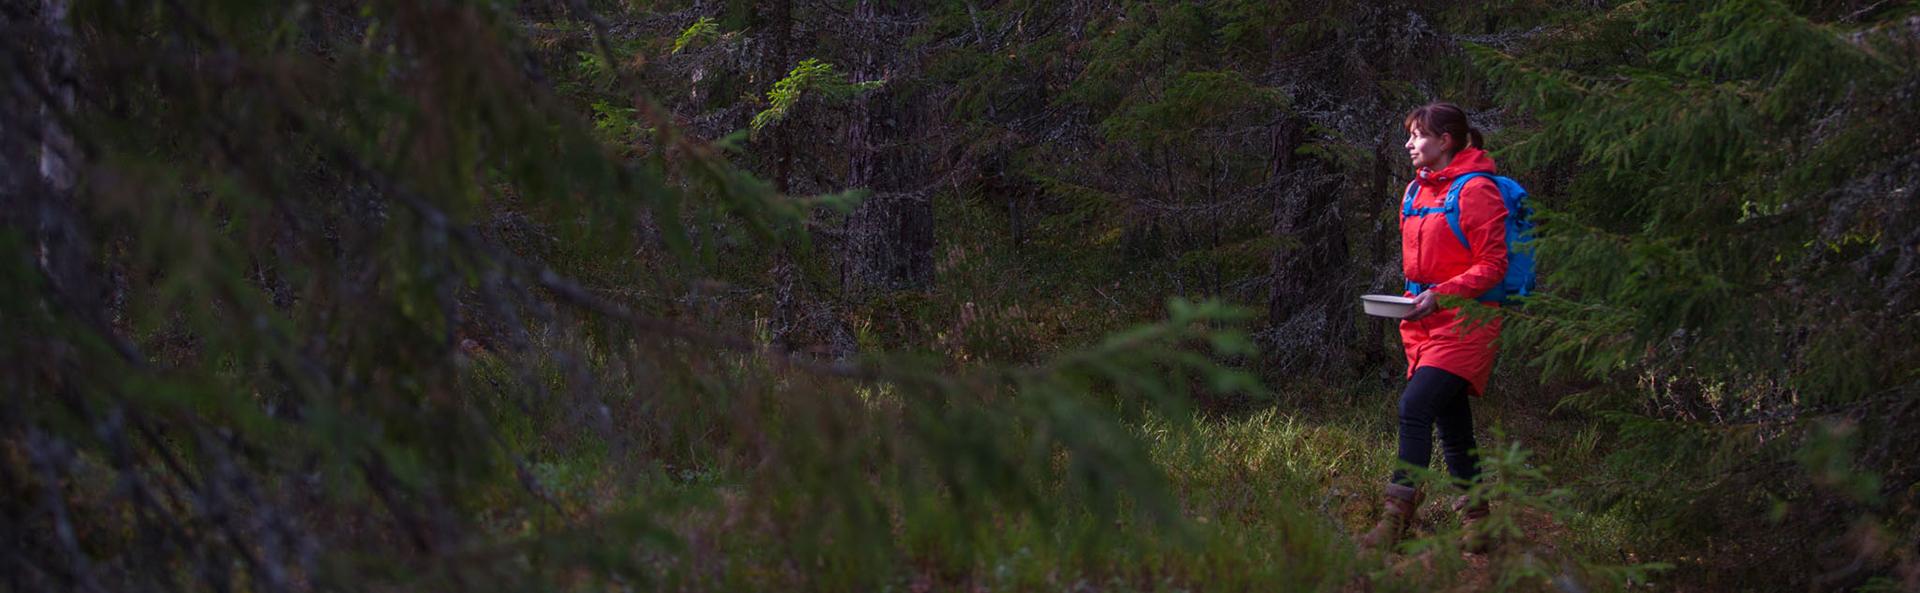 Nainen kävelee retkeilyvarusteissa havumetsässä mustikkapurkin kanssa.